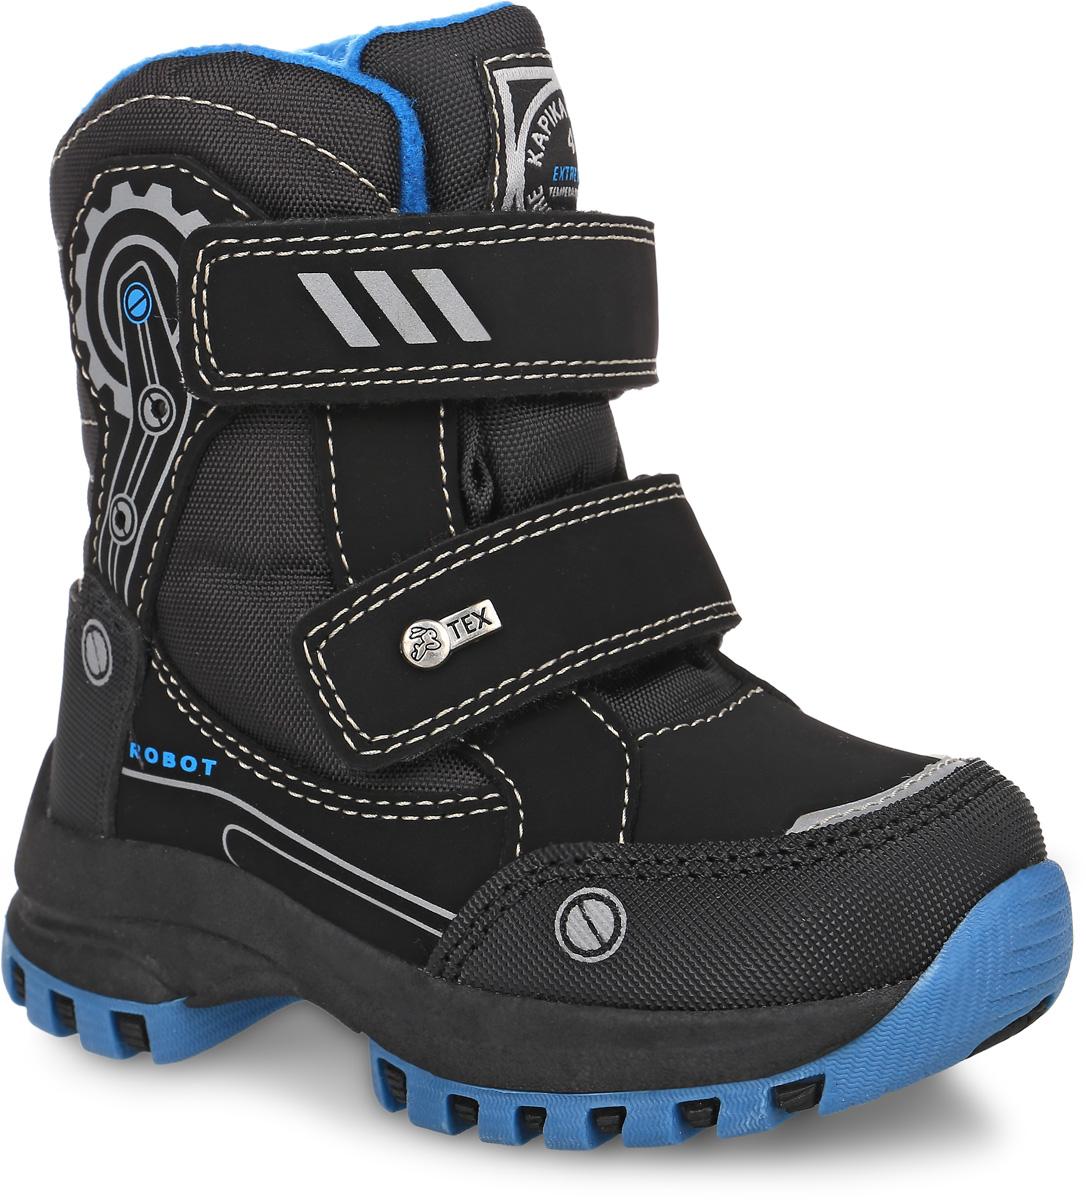 41148-1Ботинки от Kapika придутся по душе вашему мальчику. Модель идеально подходит для зимы, сохраняет комфортный микроклимат в обуви как при ношении на улице, так и в помещении. Верх обуви изготовлен из искусственной кожи со вставками из водонепроницаемого текстиля. Два ремешка на застежке-липучке надежно зафиксируют изделие на ноге. Подкладка и стелька изготовлены из натуральной шерсти, что позволяет сохранить тепло и гарантирует уют ногам. Подошва с рифлением обеспечивает идеальное сцепление с любыми поверхностями. Такие чудесные ботинки займут достойное место в гардеробе вашего ребенка.